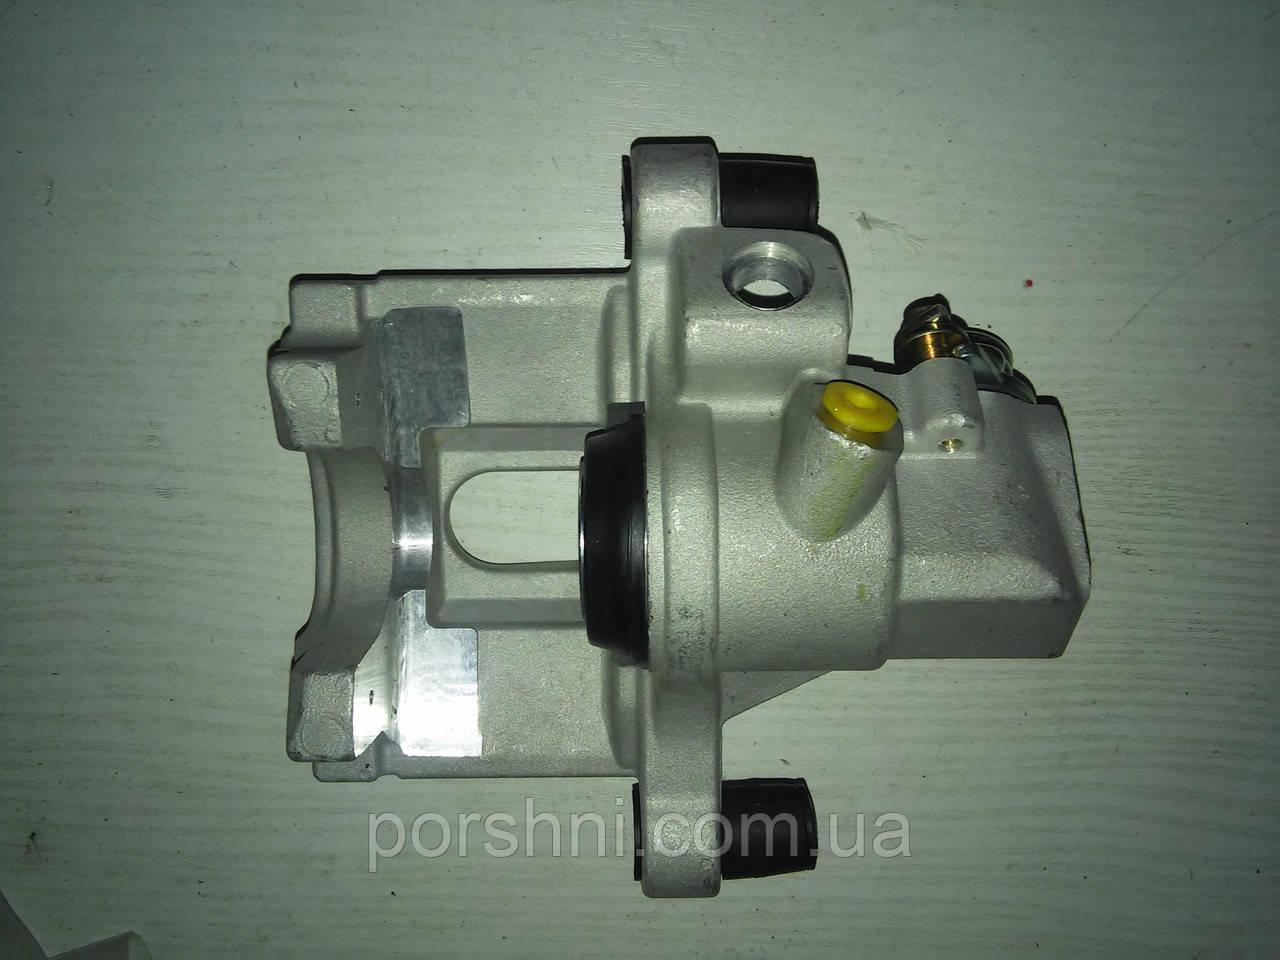 Супорт гальмівний задній Ford Focus II 2004 > C-MAX RH N: 1223704